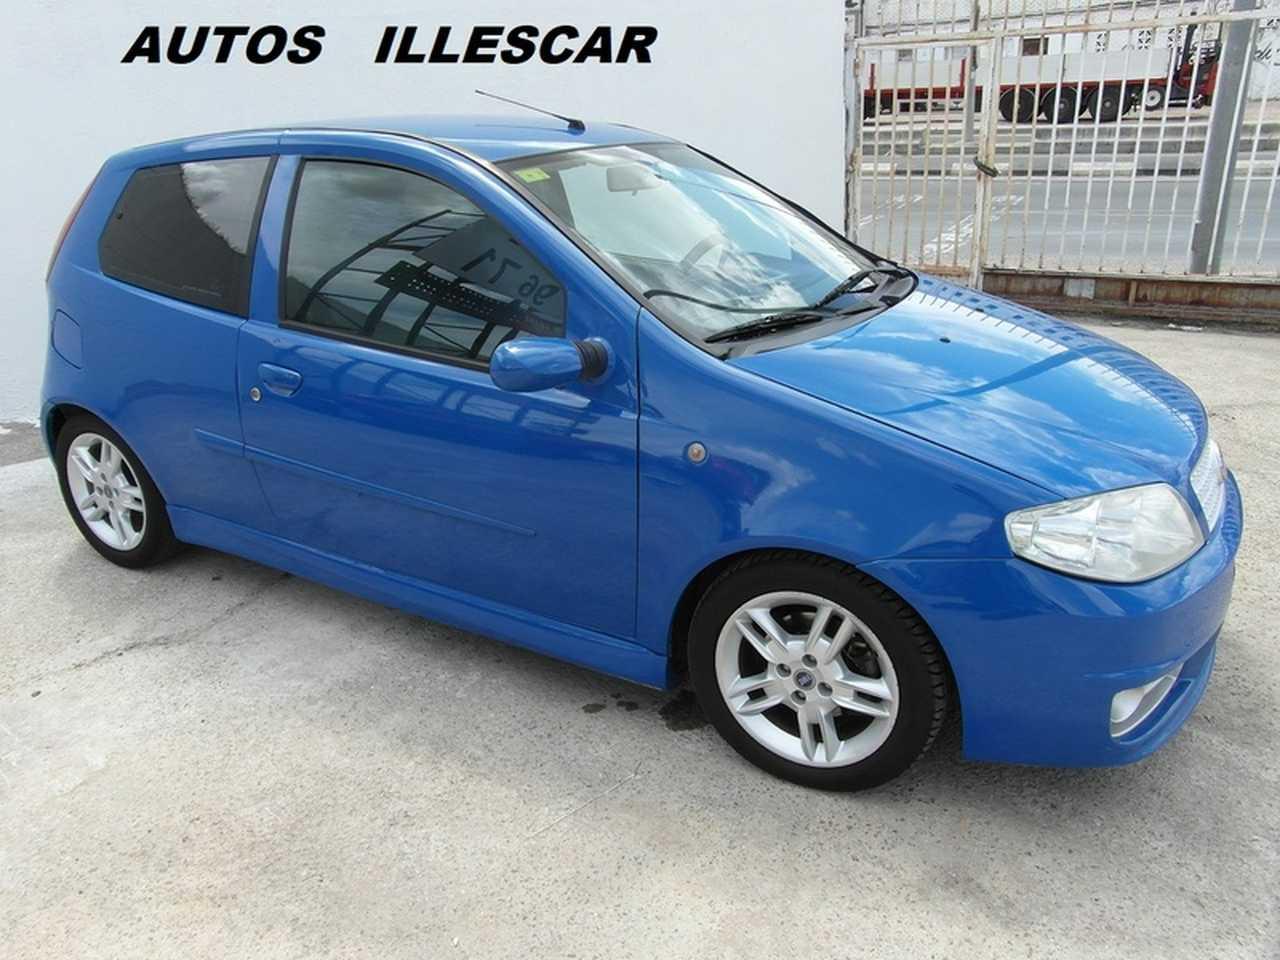 Fiat Punto 1.9 JTD 85 CV MEJOR VER  - Foto 1